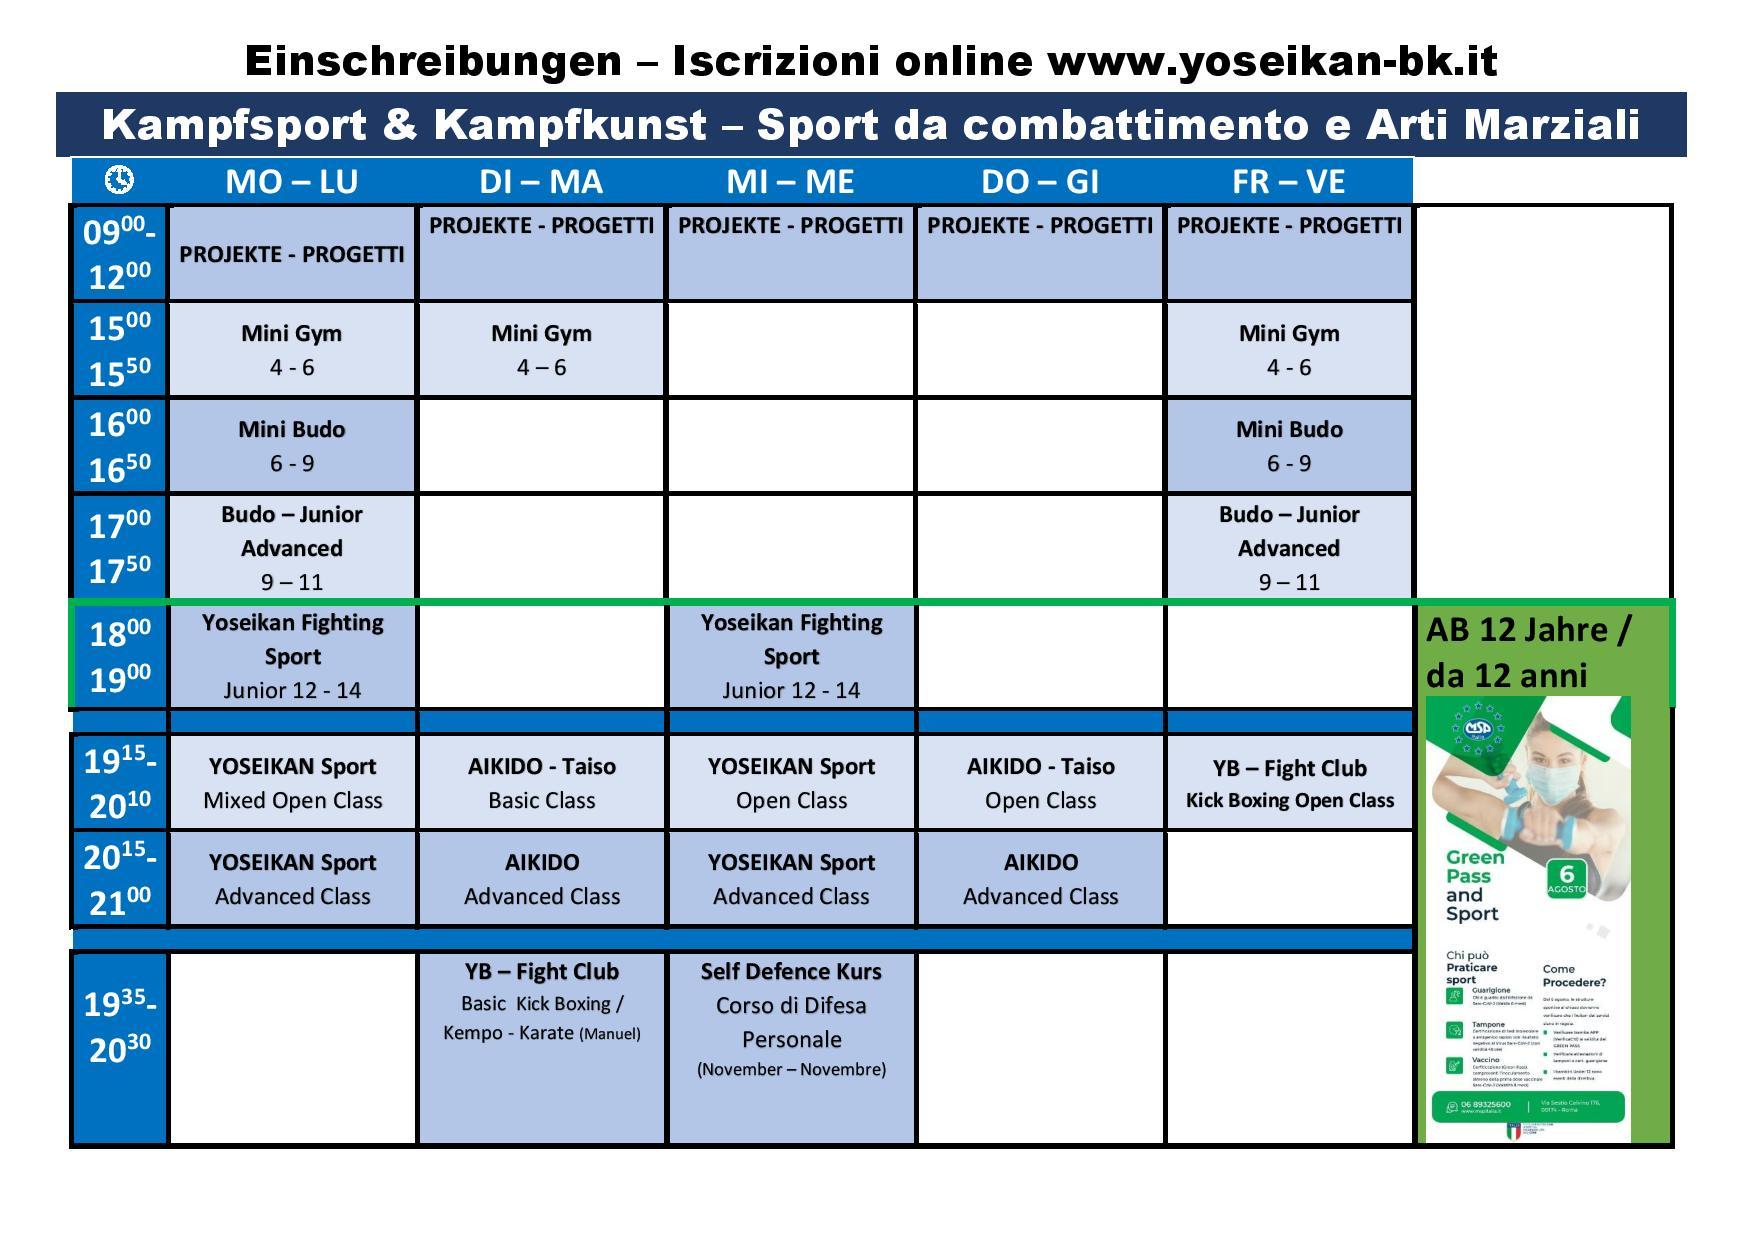 Kurszeiten Kampfkunst - sport / Orario corsi Arti Marziali / Sport da combattimento